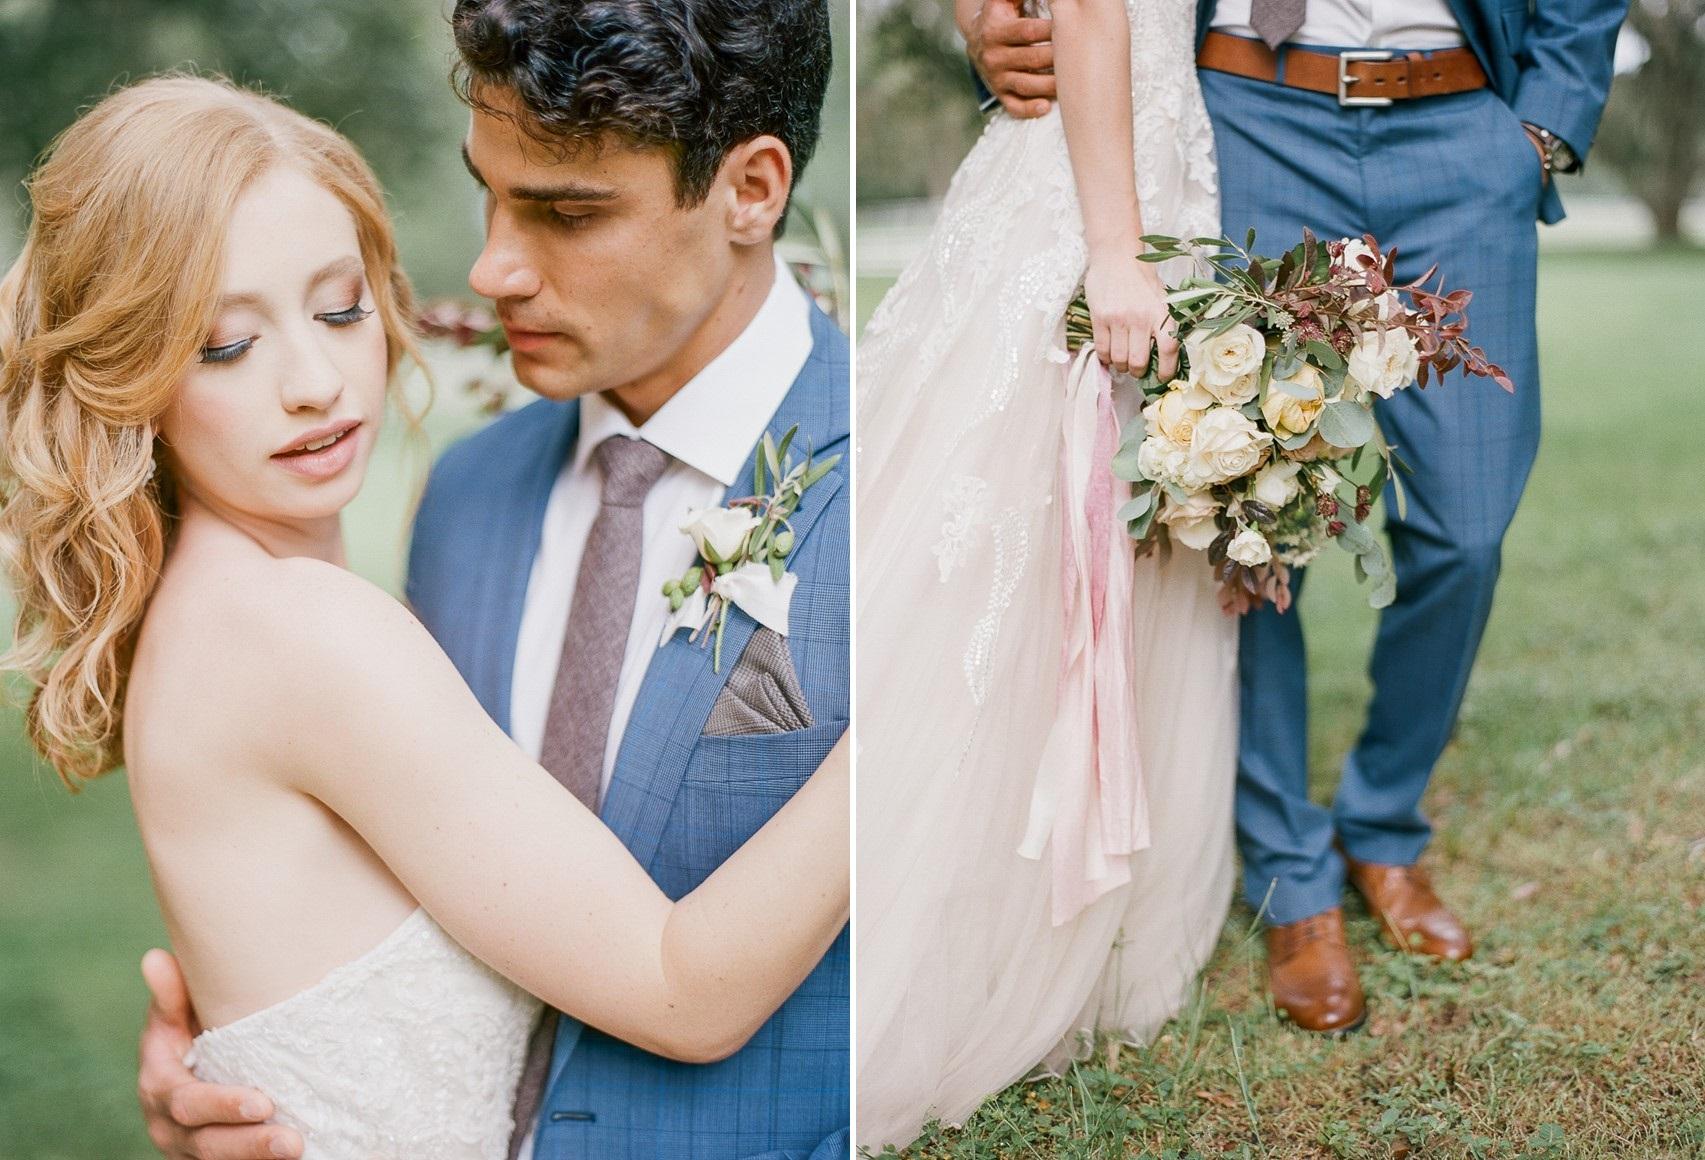 Spring Bride & Groom at Stonebridge Weddings